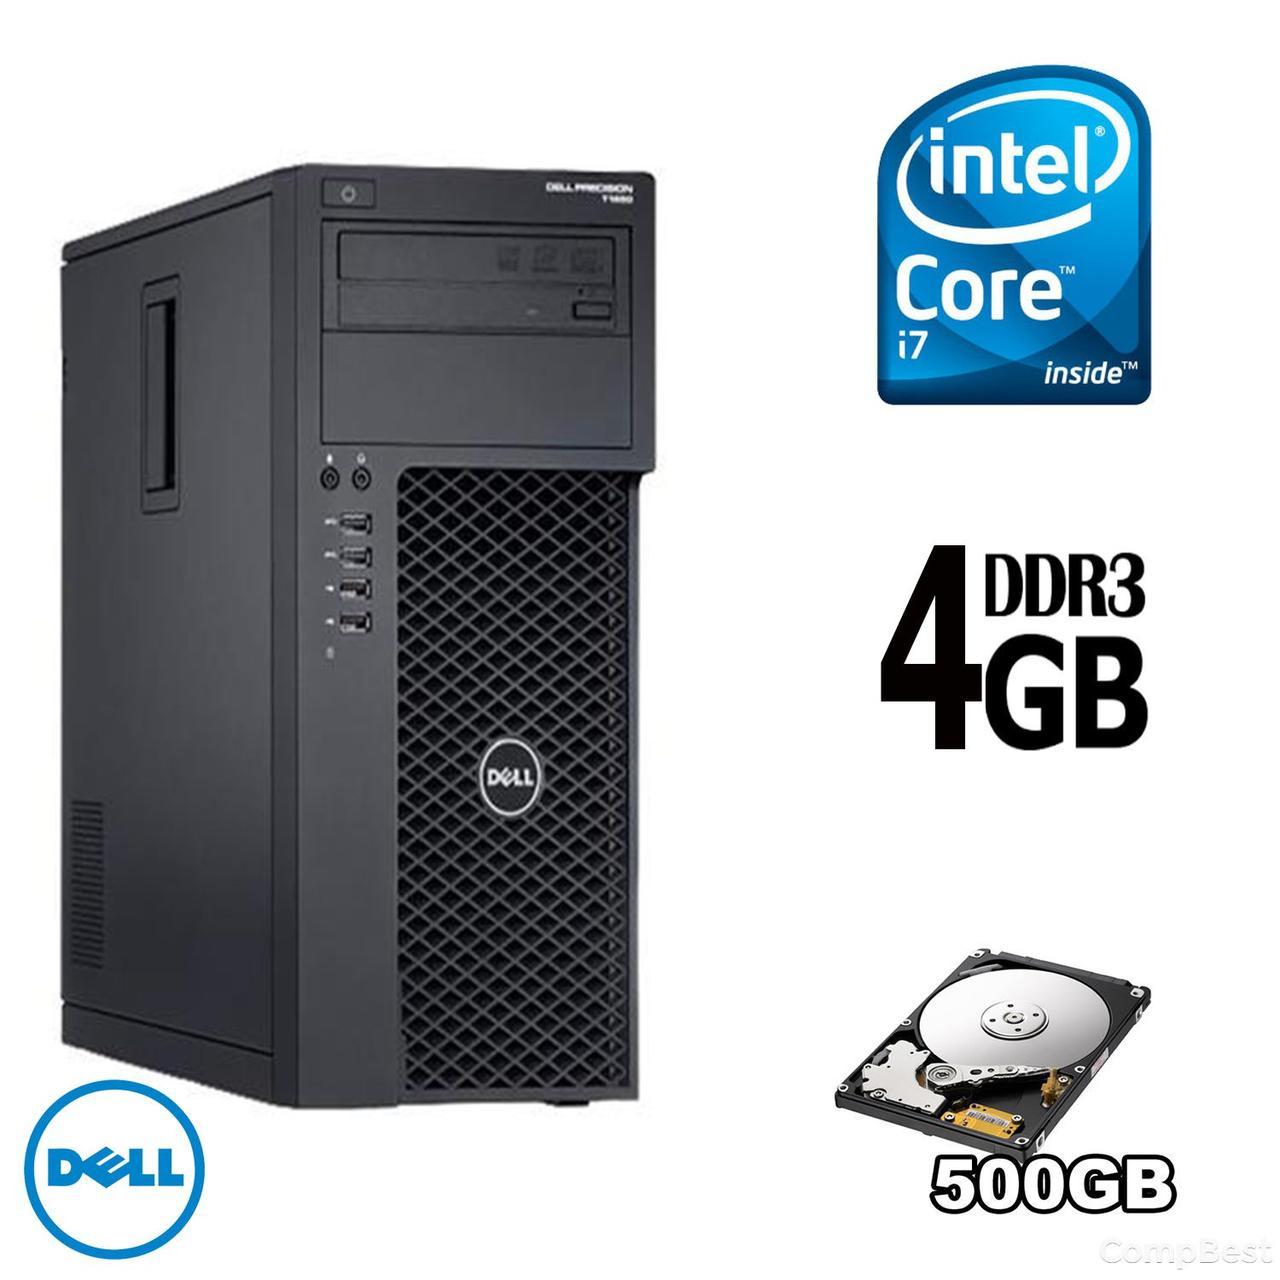 Dell Precision T1650 / Intel® Core™ i7-3770 (4(8) ядра по 3.4 - 3.9 GHz) / 4GB DDR3 / 1TB HDD